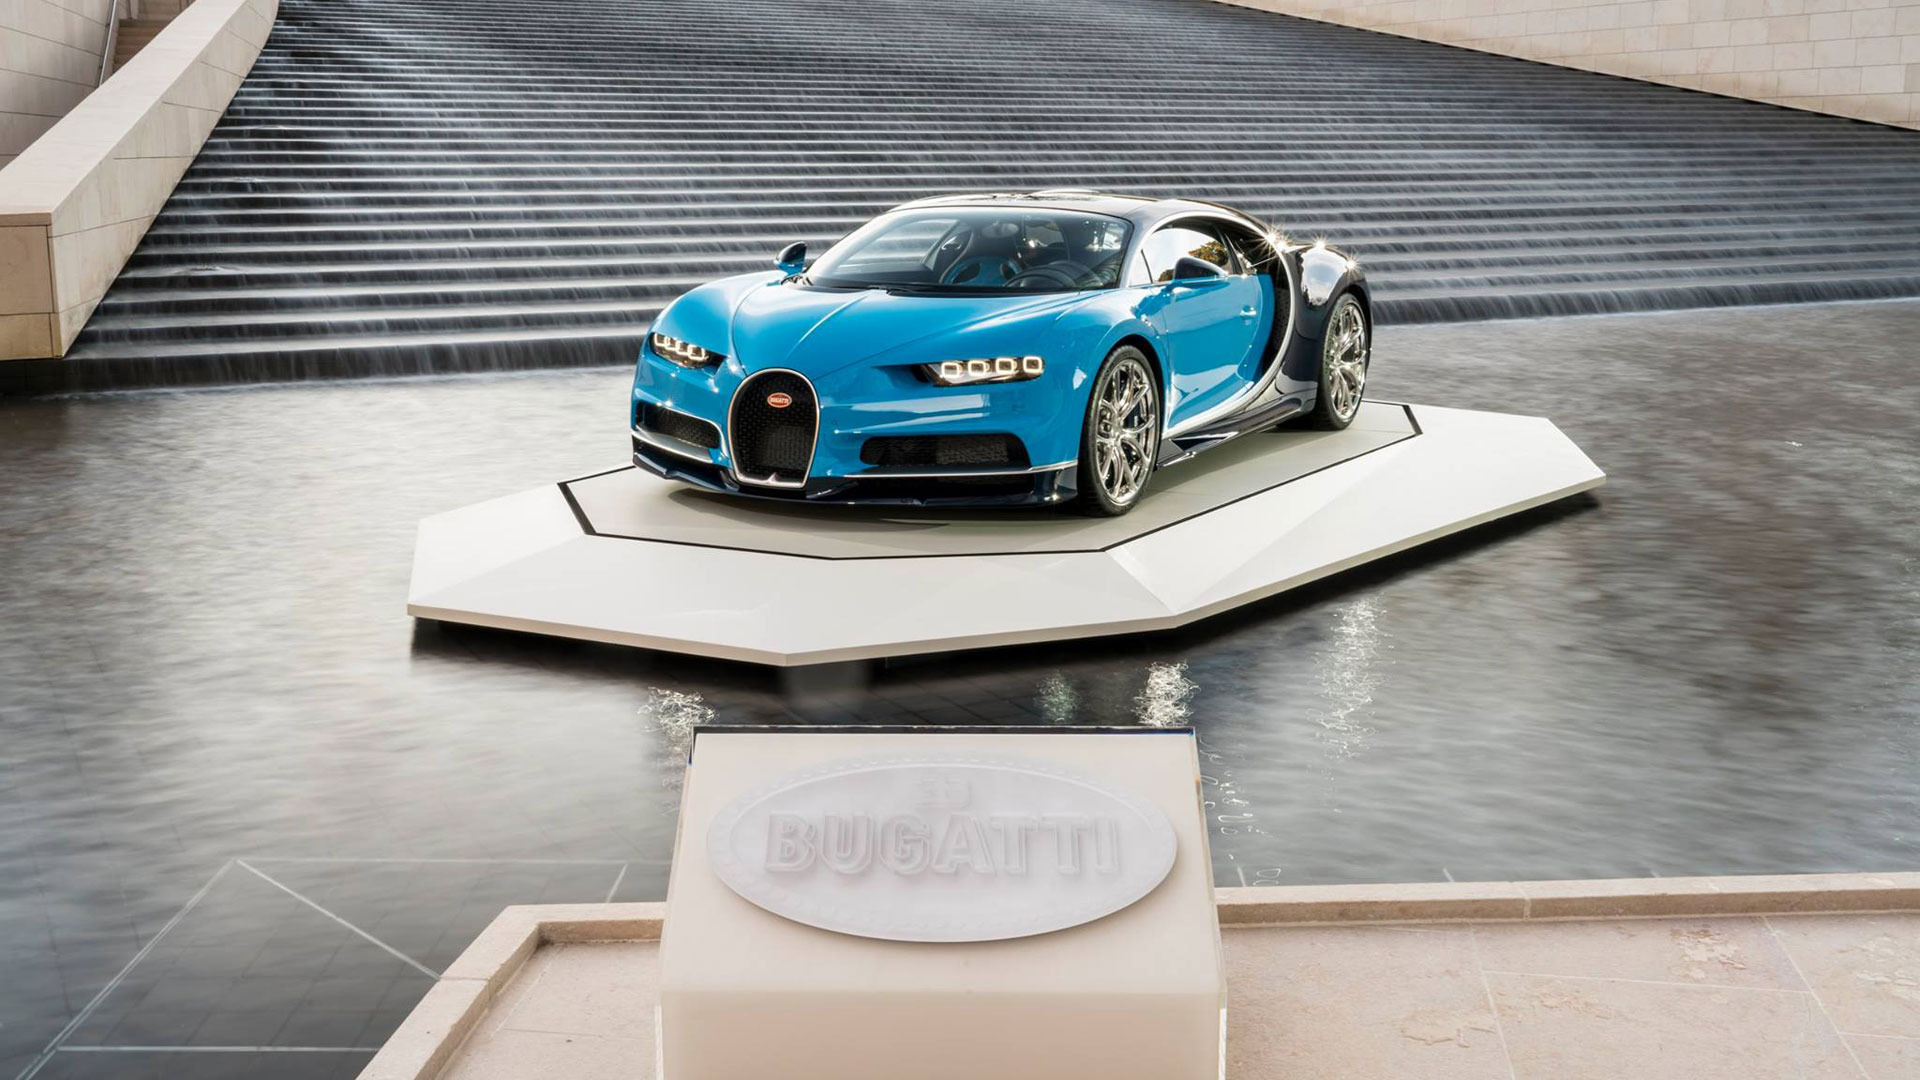 New-2020-Bugatti-Chiron